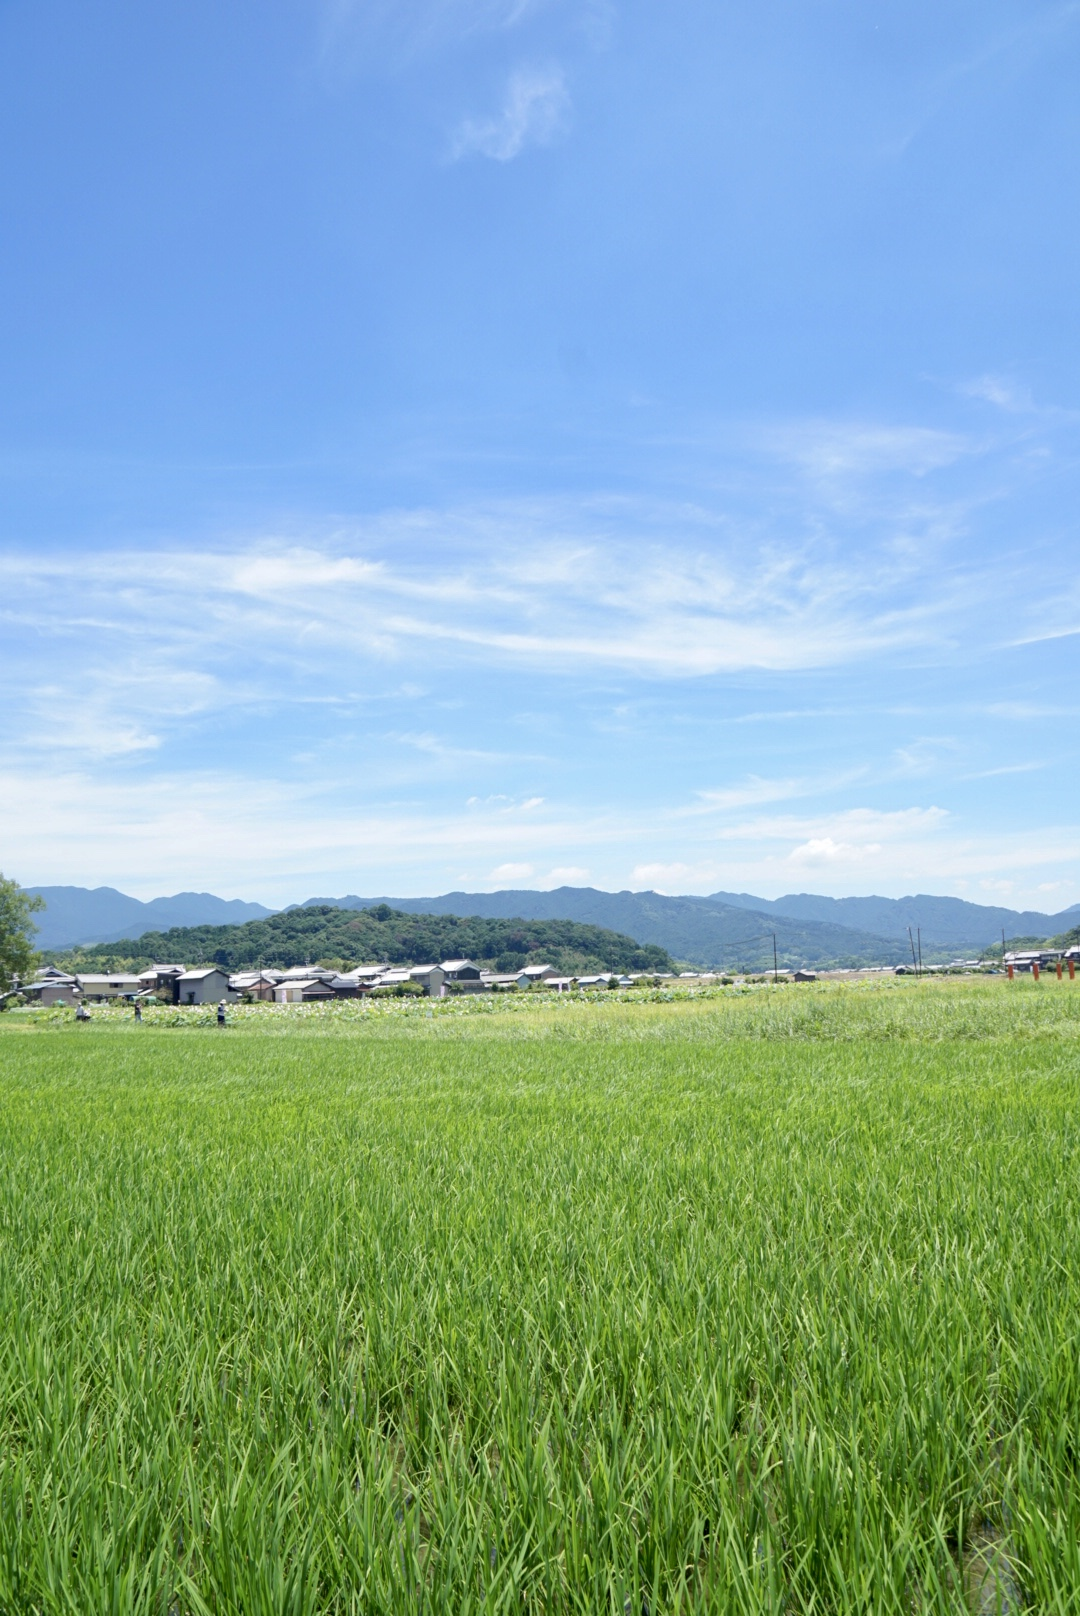 稲もぐんぐん育ってきていて青空とのコントラストが最高ですね。